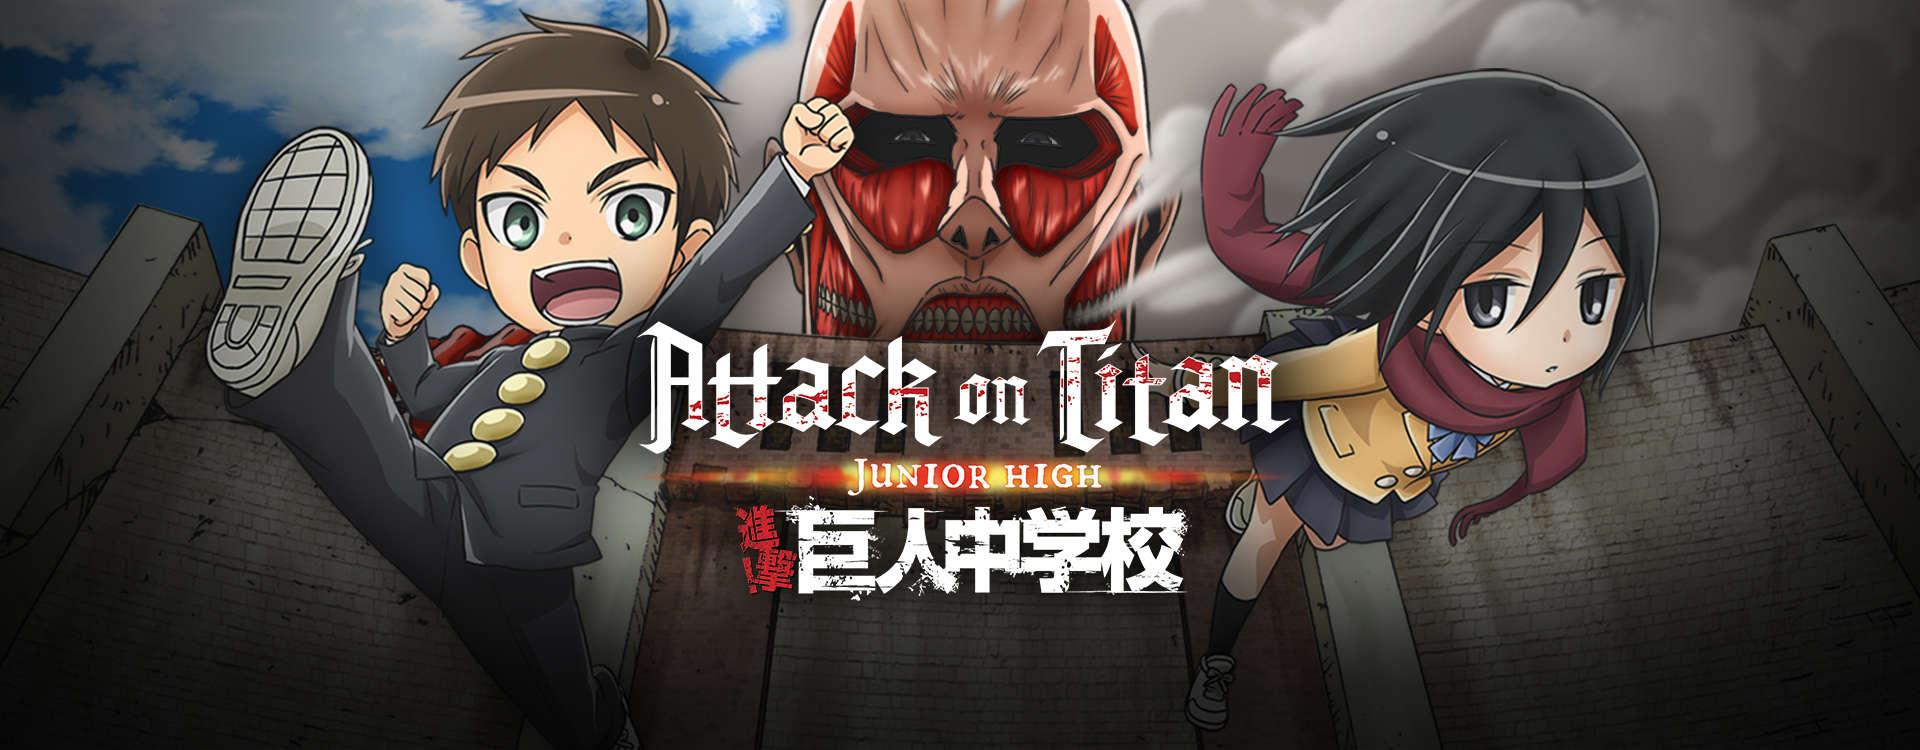 stream attack on titan